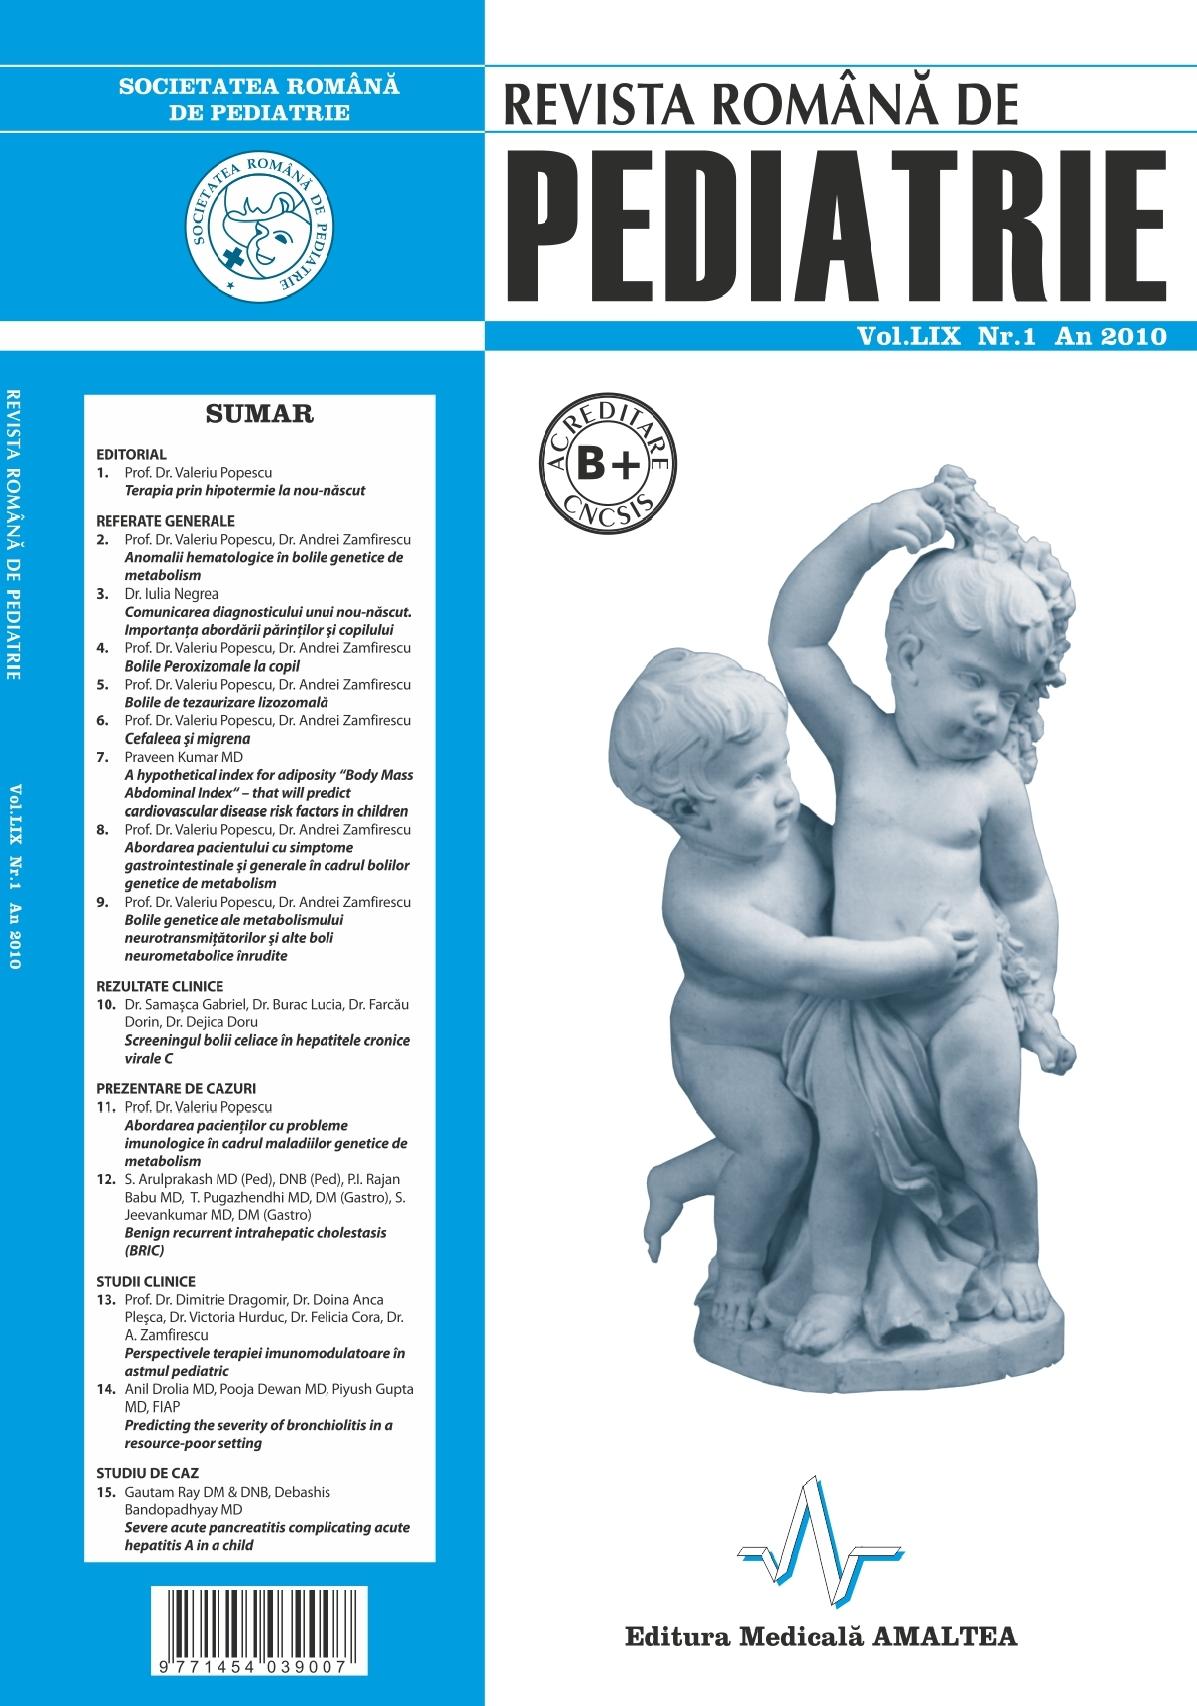 Revista Romana de PEDIATRIE | Volumul LIX, Nr. 1, An 2010